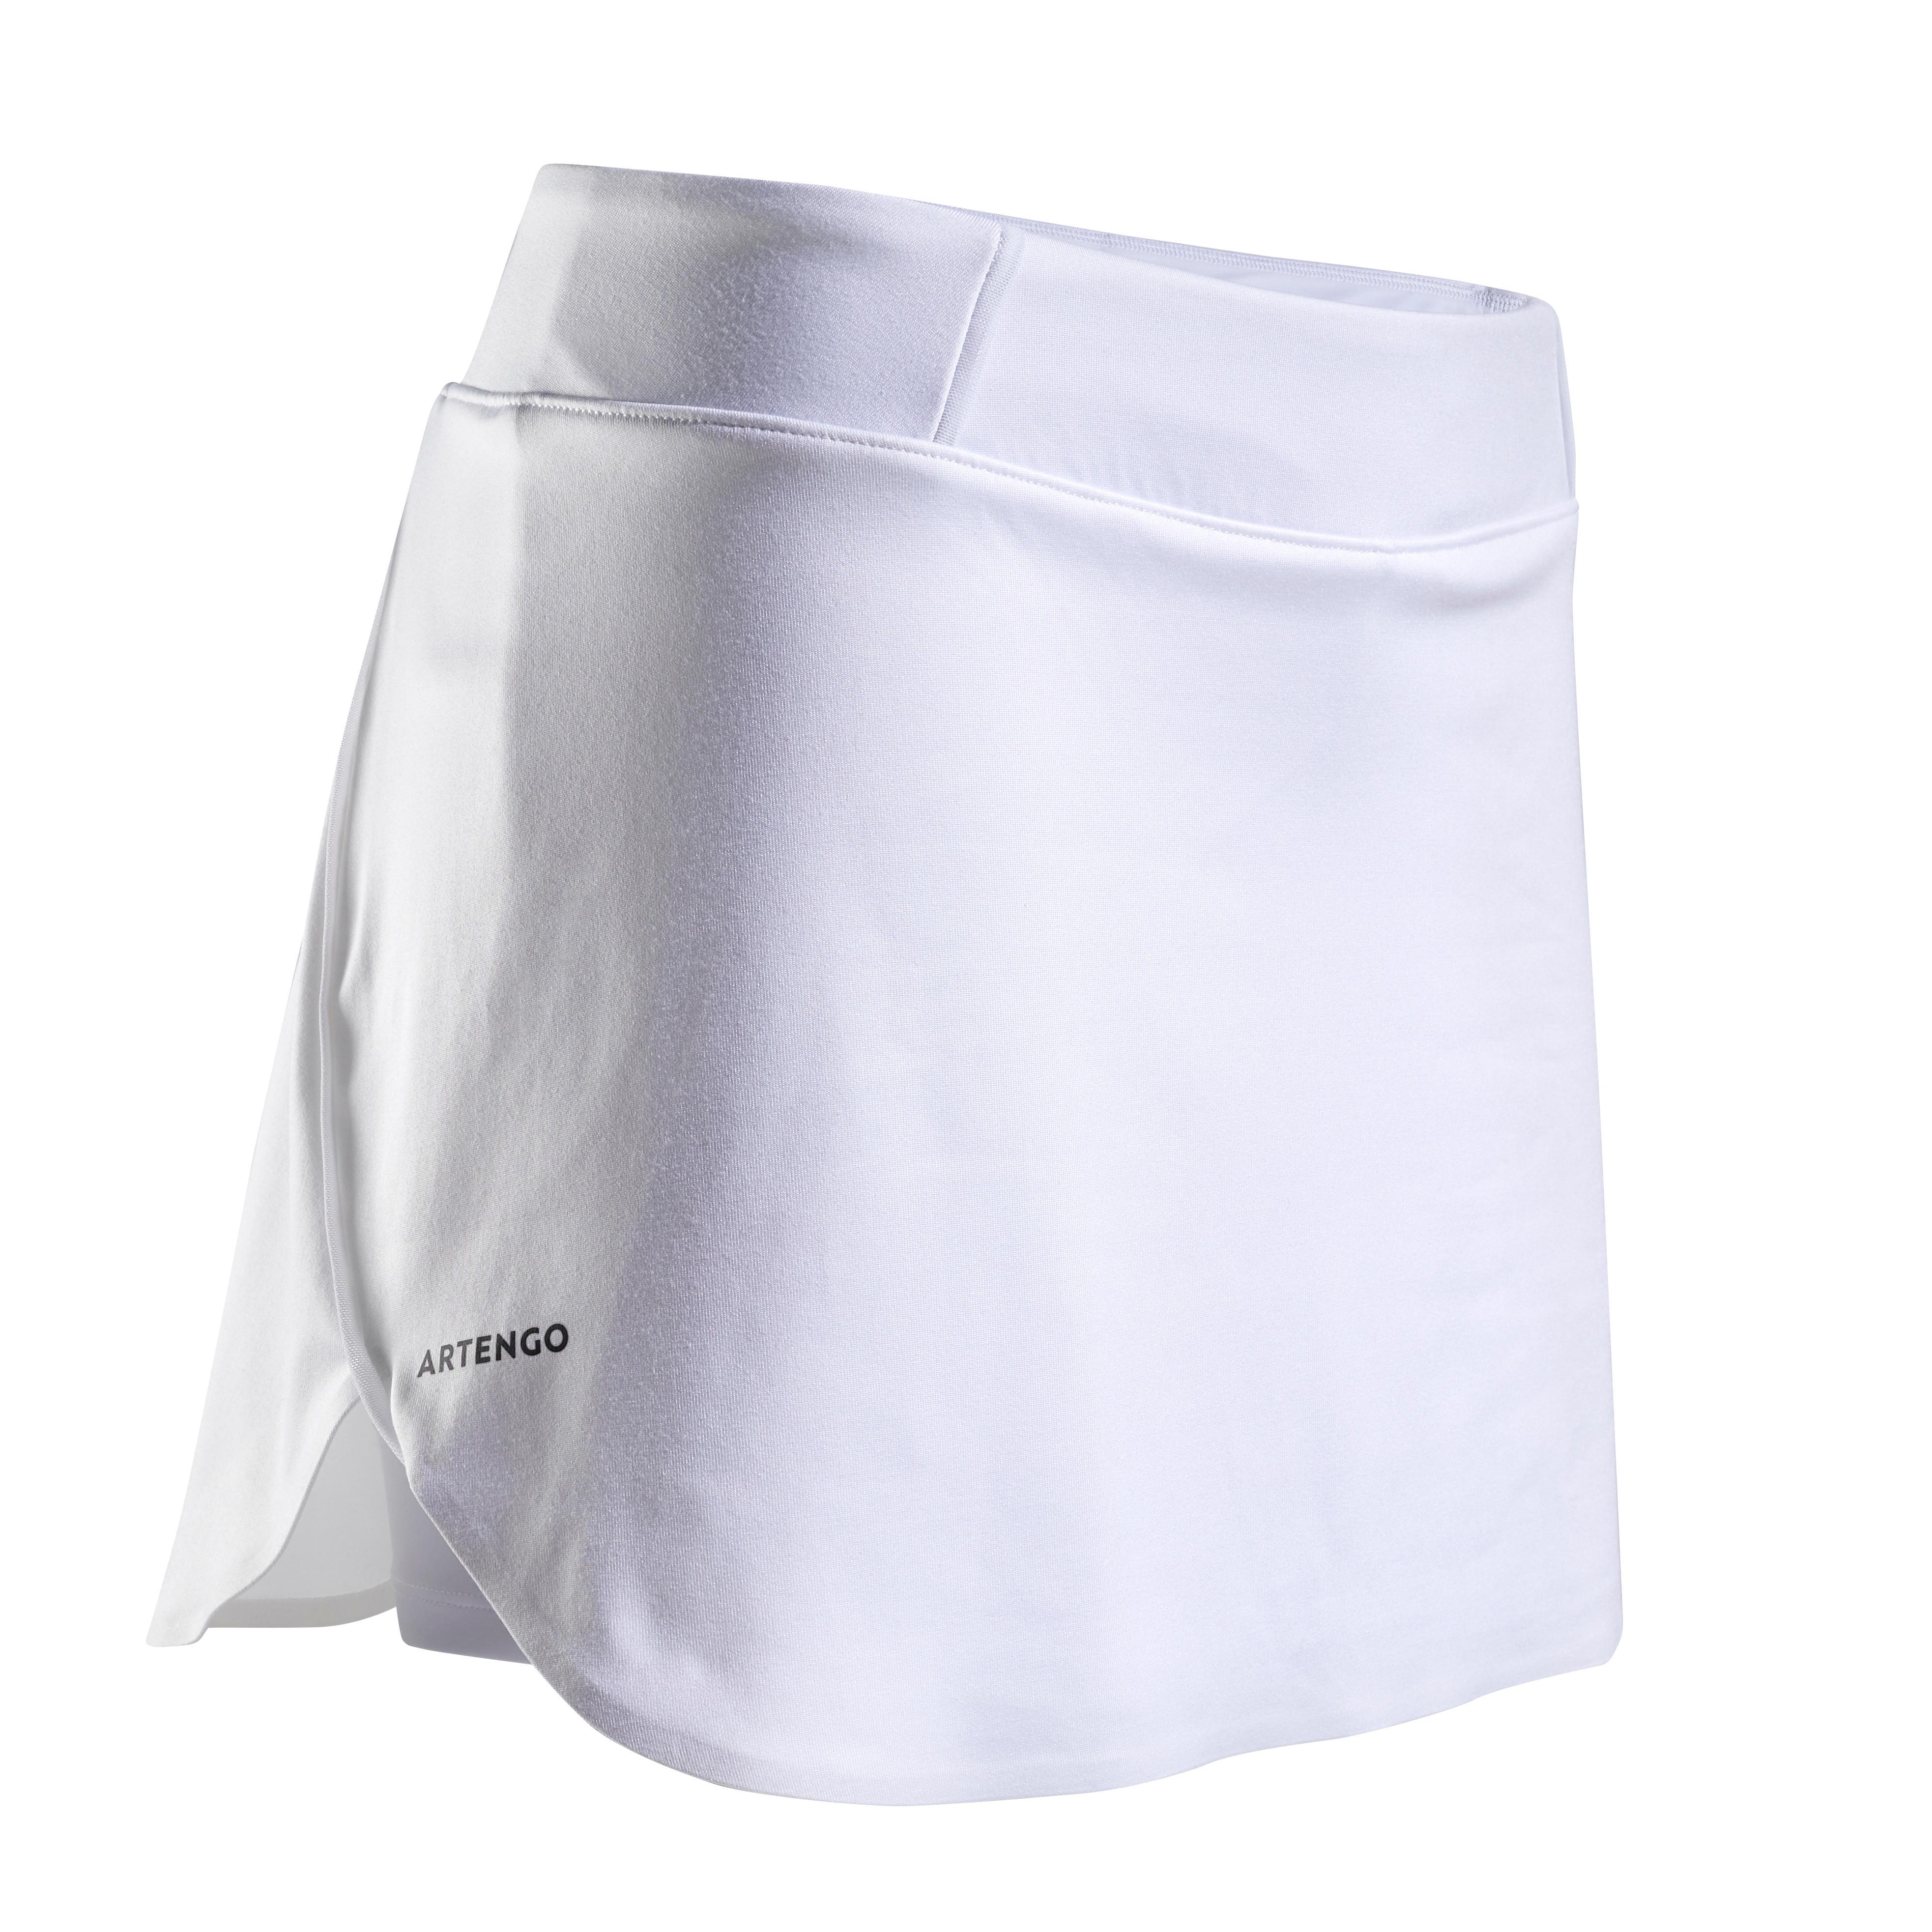 Tennisrock SK Light 990 Damen weiß | Sportbekleidung > Sportröcke | Weiß | Artengo